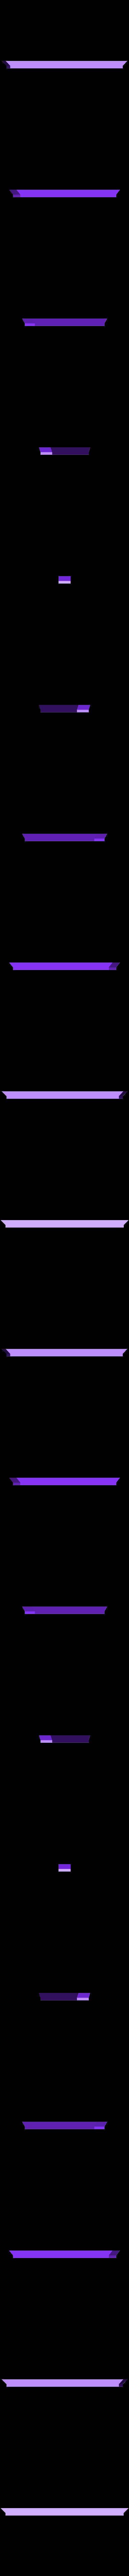 pince male.obj Télécharger fichier OBJ gratuit Bloque ceinture • Design à imprimer en 3D, baretourscl